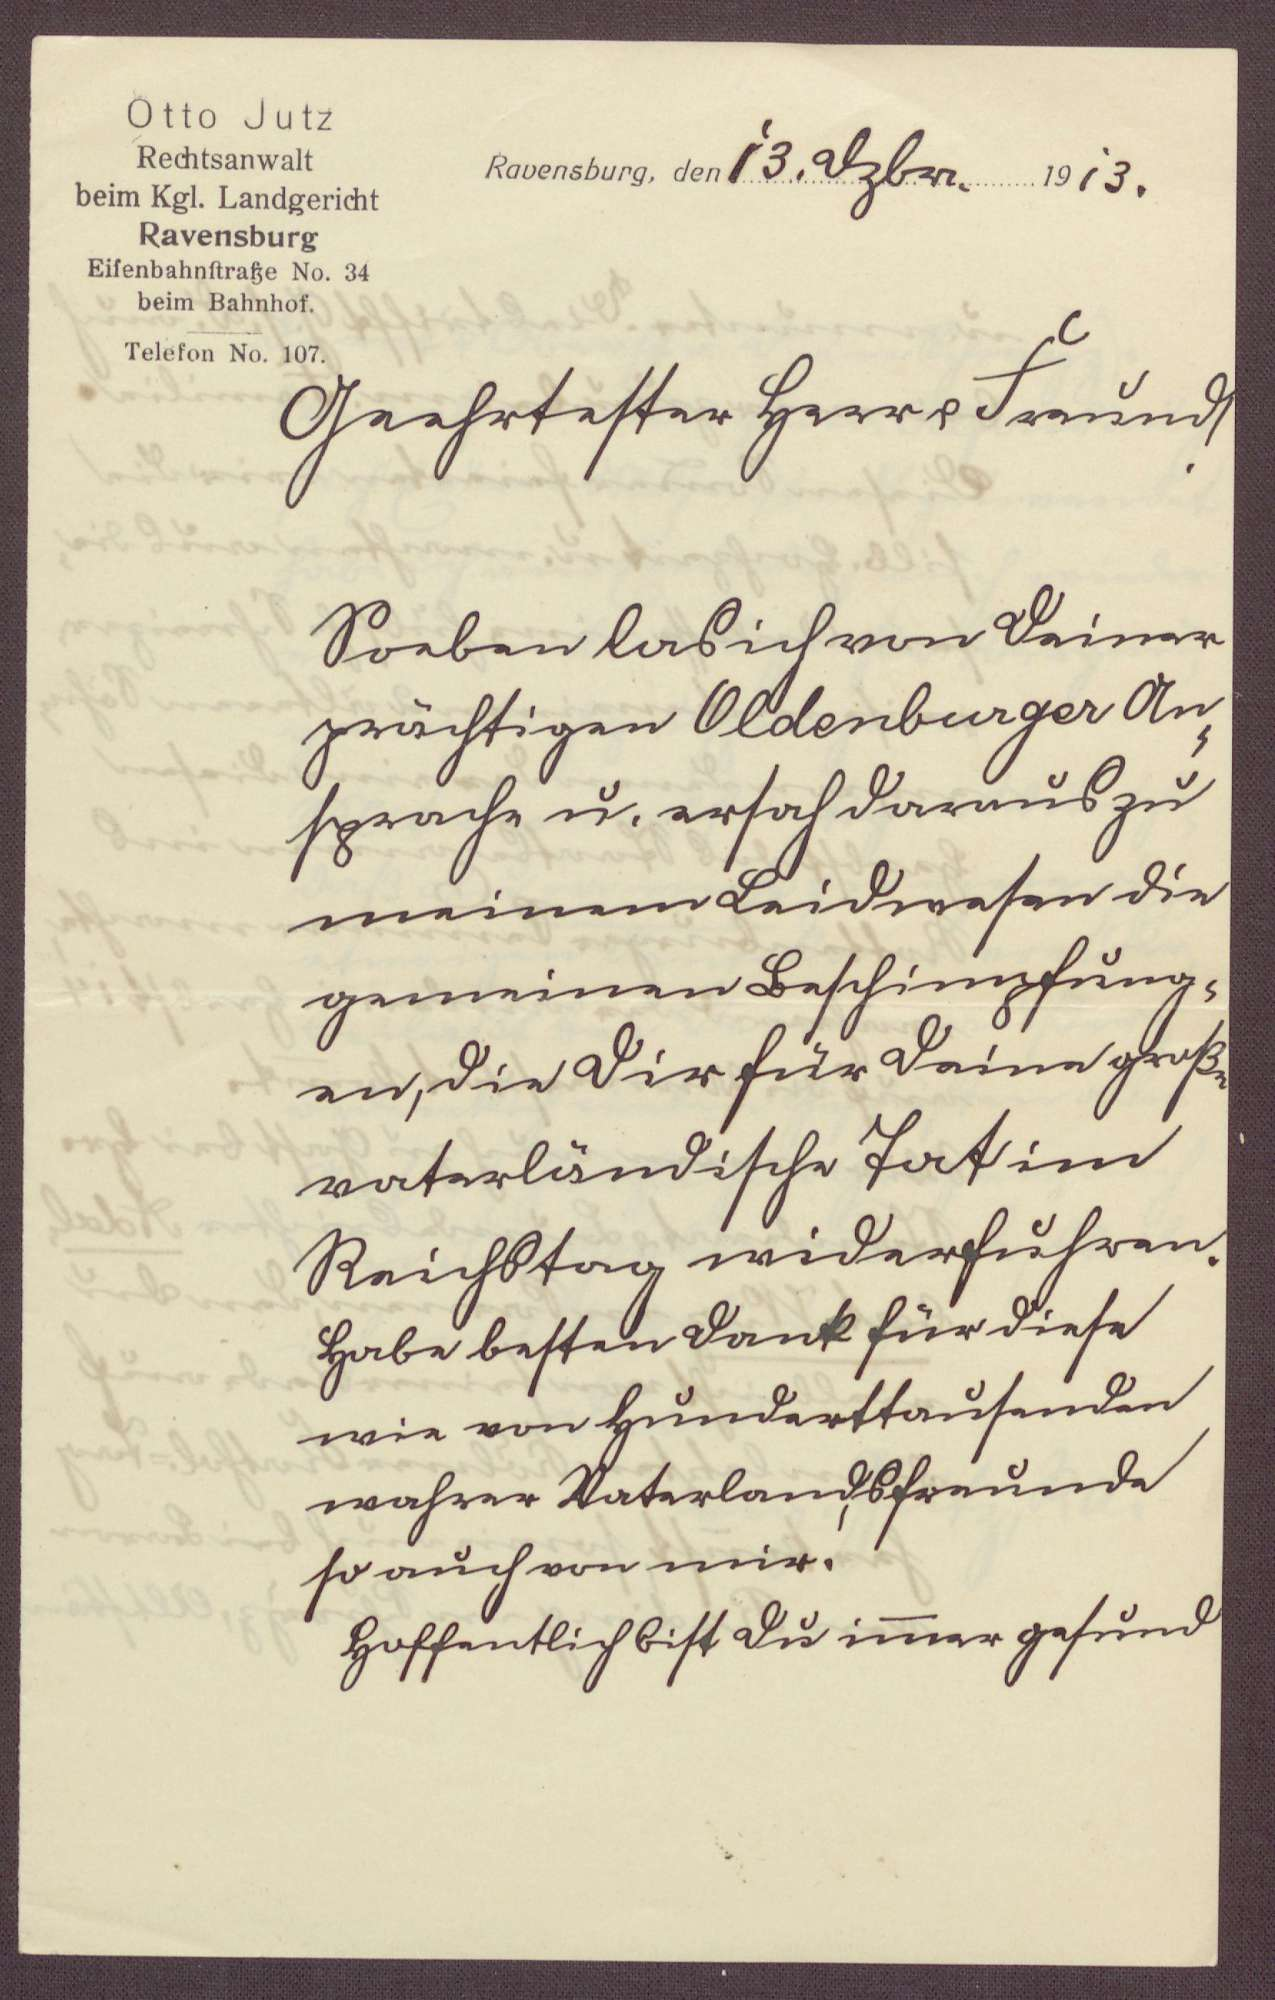 Schreiben von Otto Jutz, Rechtswanwalt in Ravensburg, an Constantin Fehrenbach, Lob für die Zabern-Rede und Berichte aus Ravensburg und Rottenburg am Neckar, Bild 1